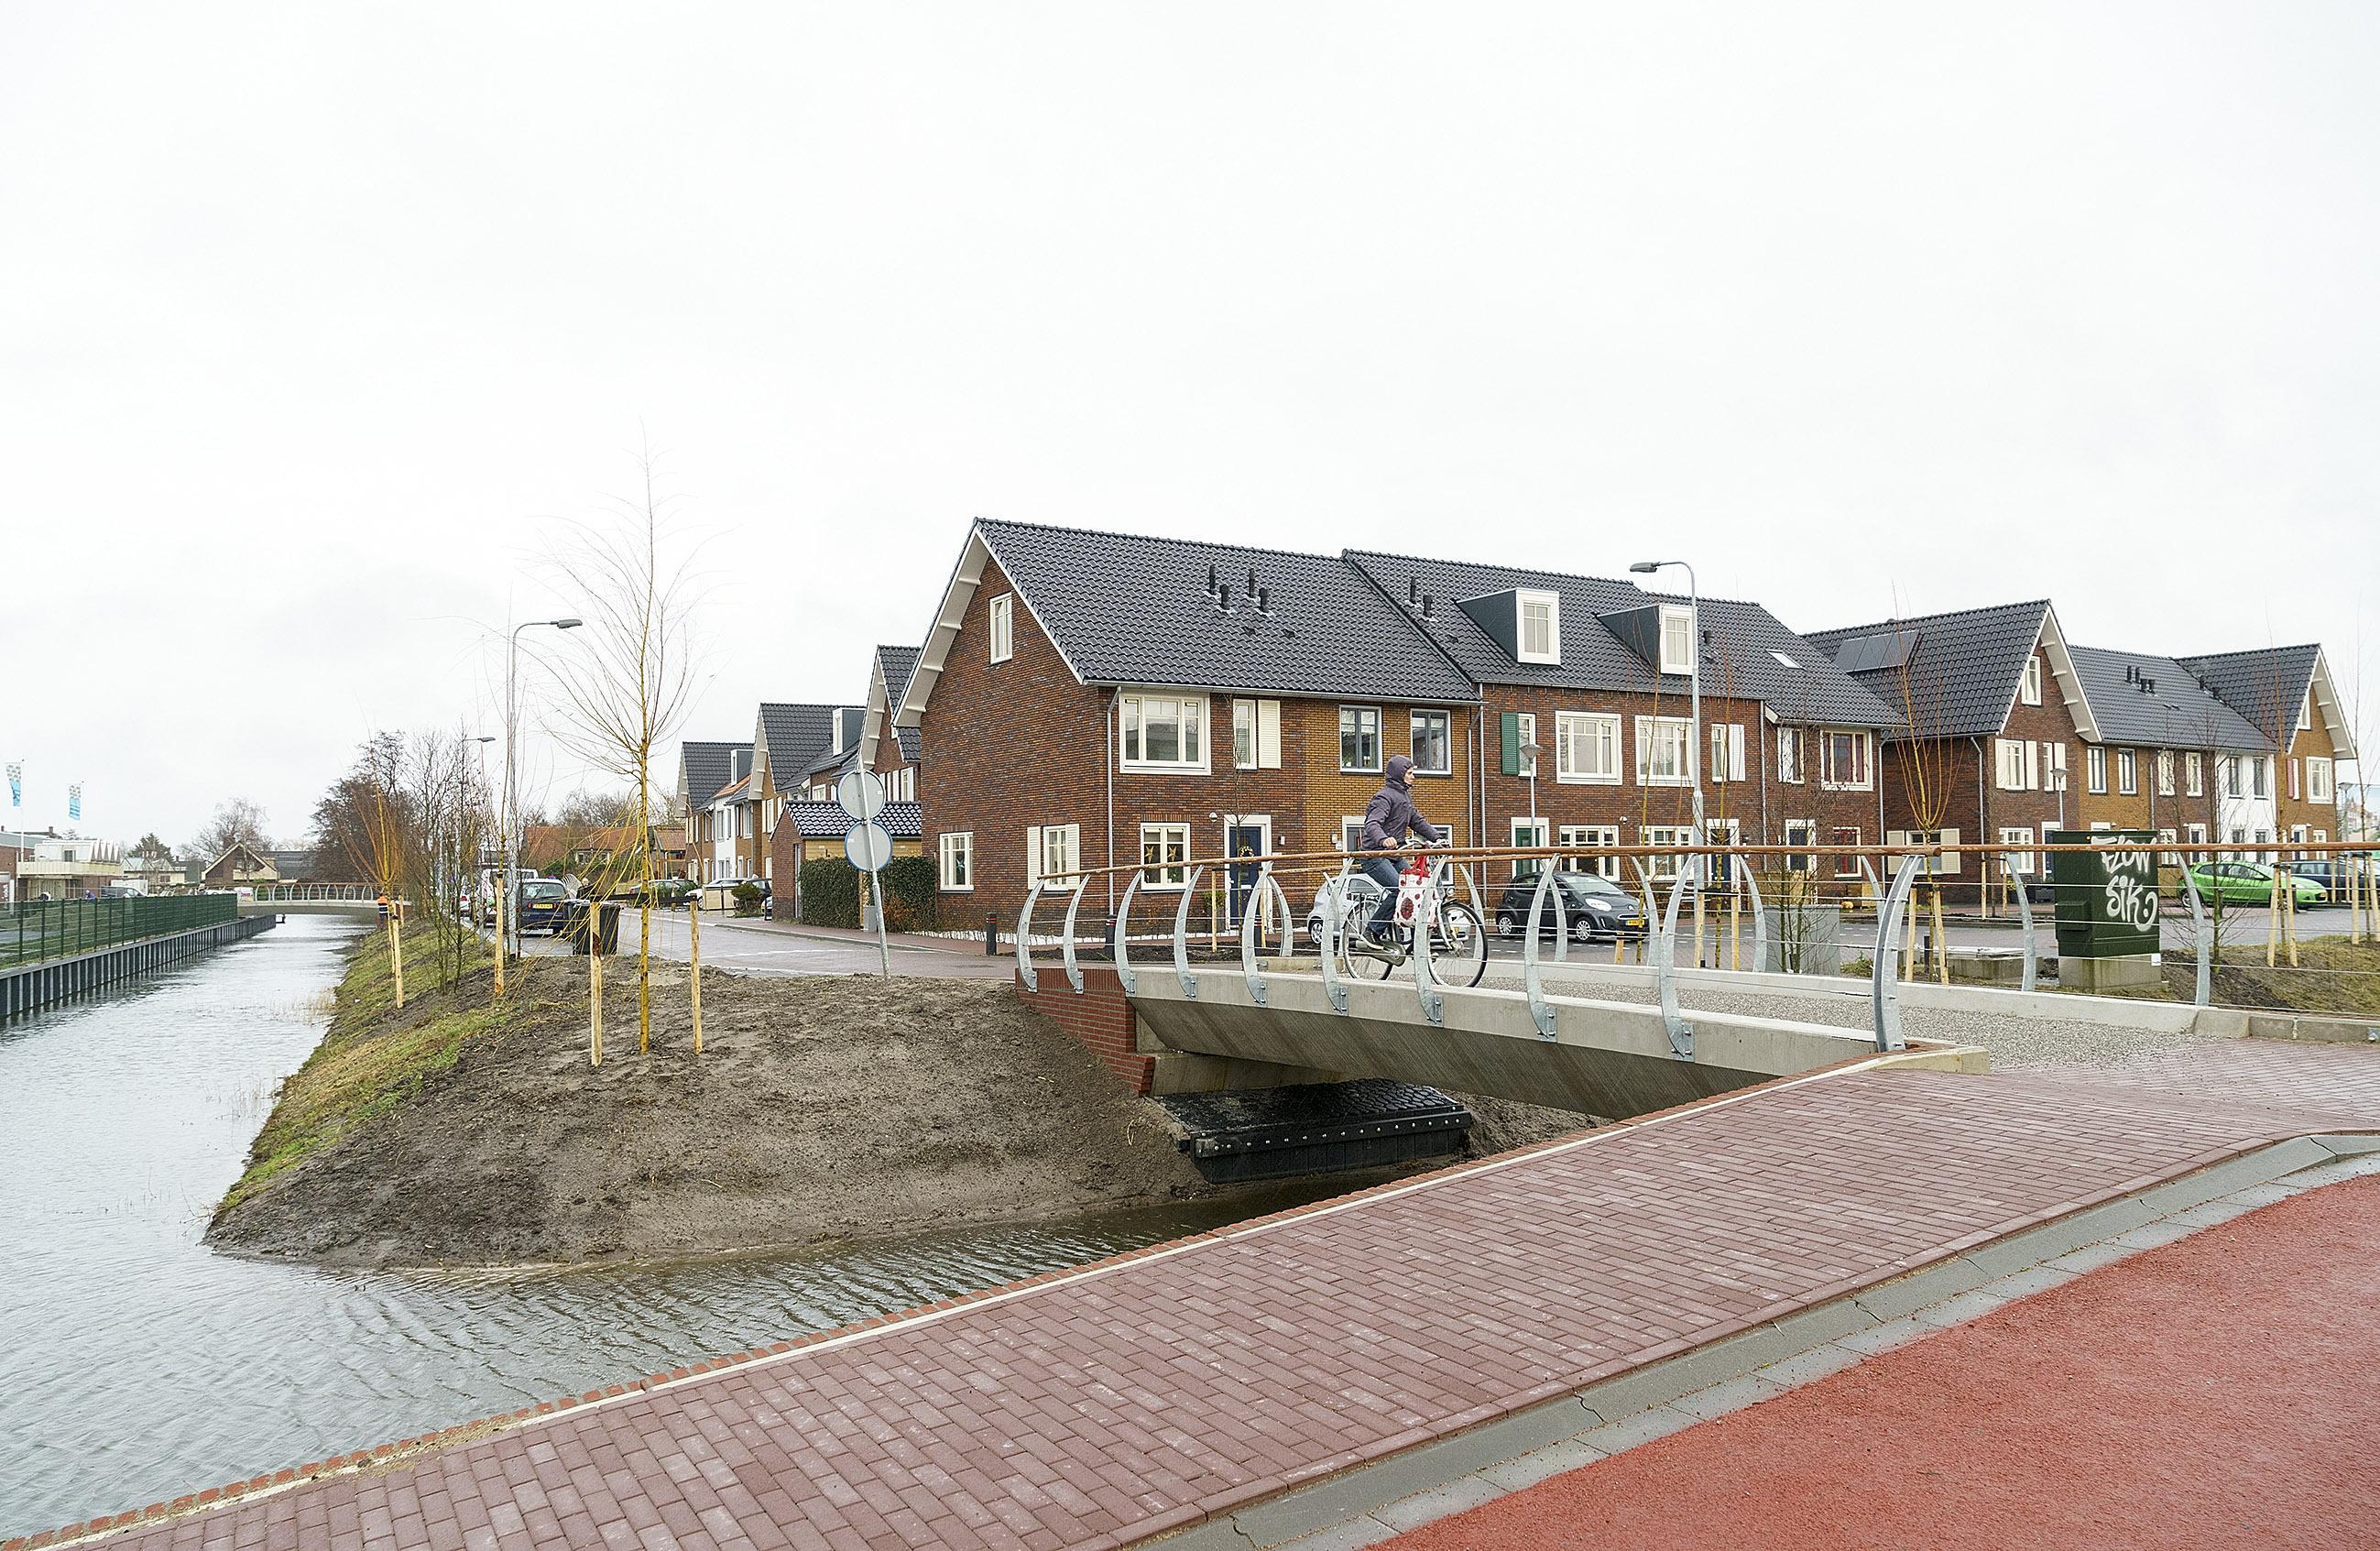 Is het straks mogelijk om van de Broekerveiling naar Sint Pancras te varen? De komst van 84 nieuwe woningen in Langedijk biedt grote kansen voor doorvaarbaarheid